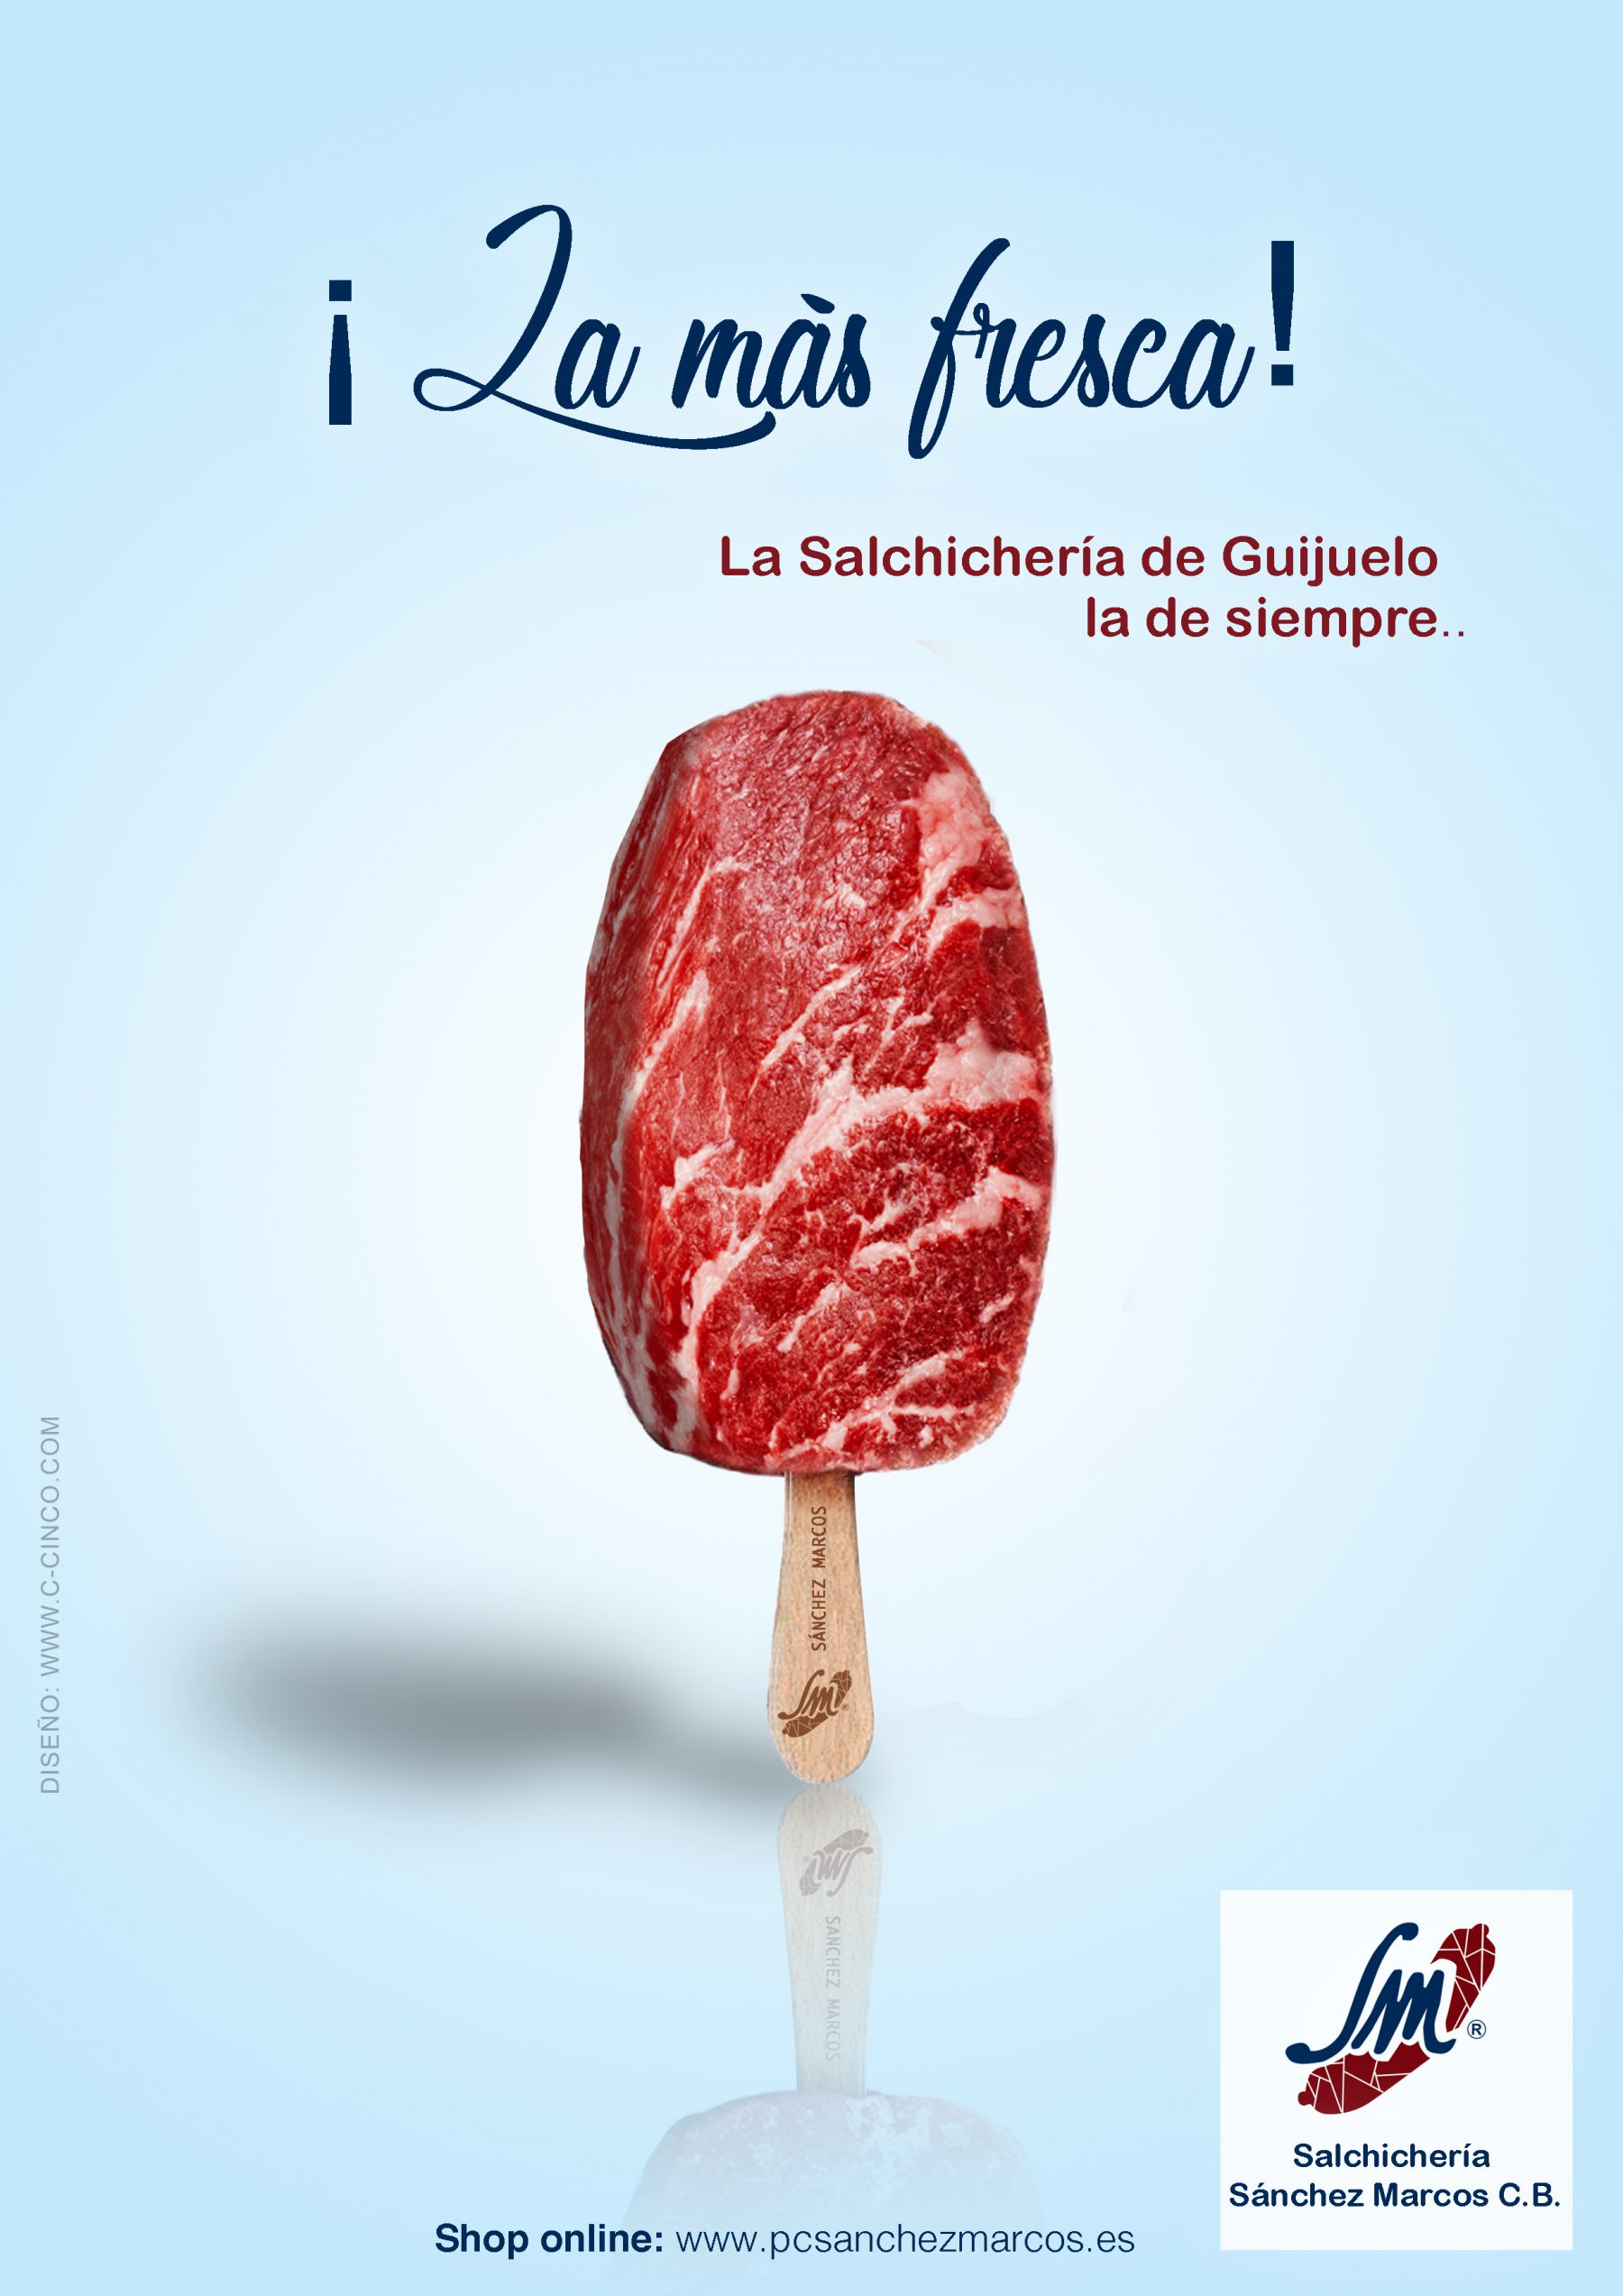 Publicidad La Salchicheria de Guijuelo